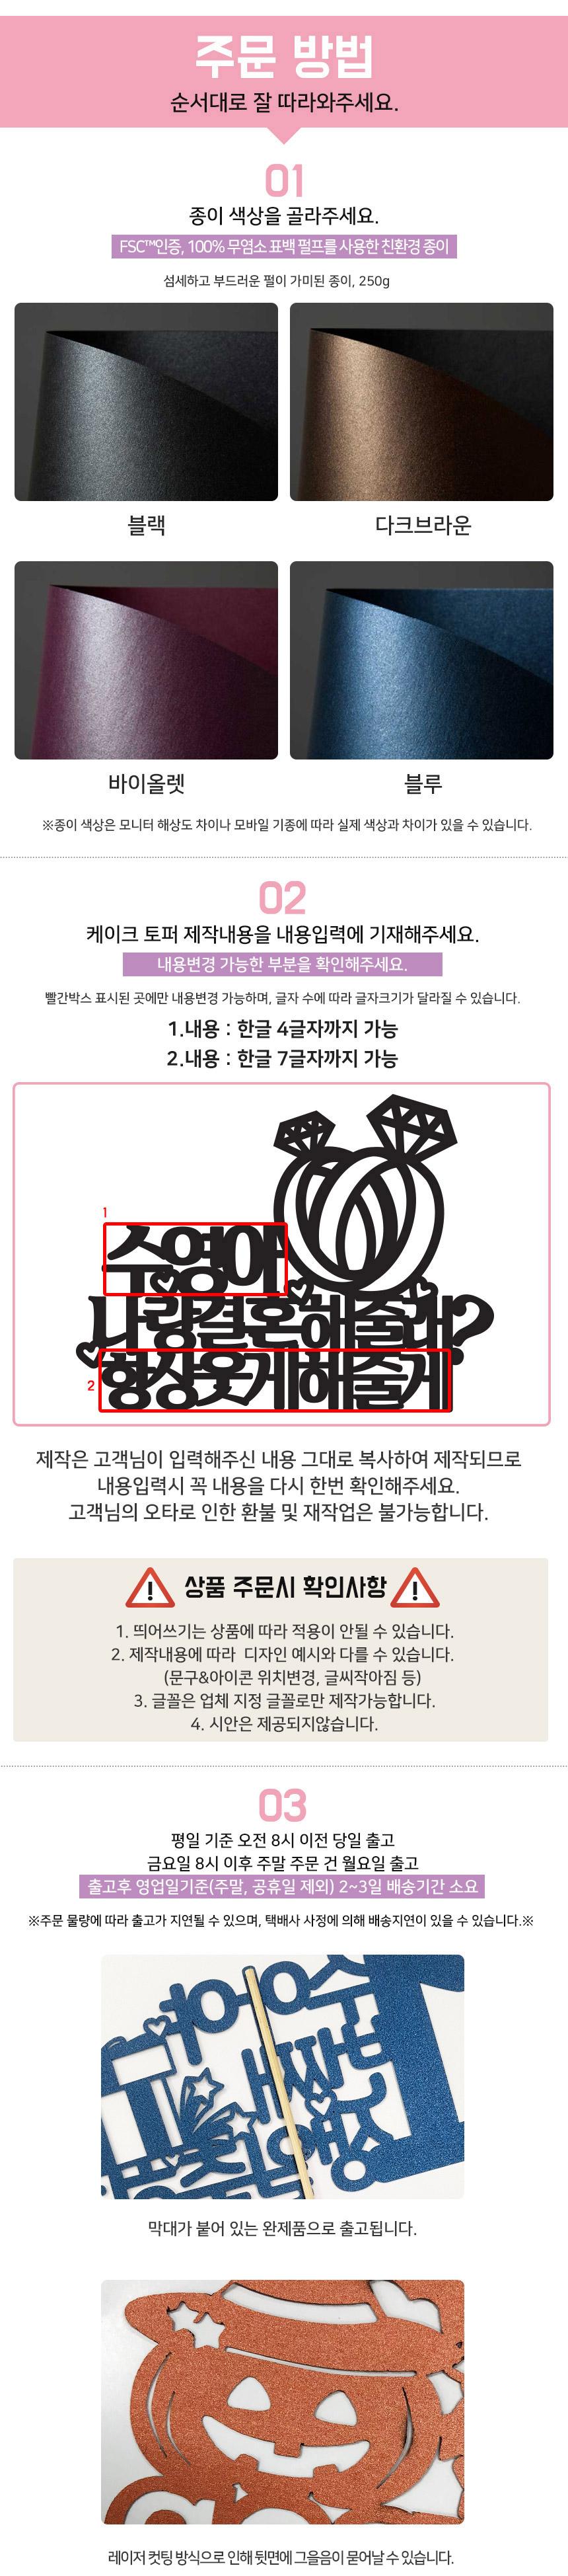 결혼토퍼2 프로포즈 케이크토퍼 - 네임코코, 4,900원, 파티용품, 데코/장식용품